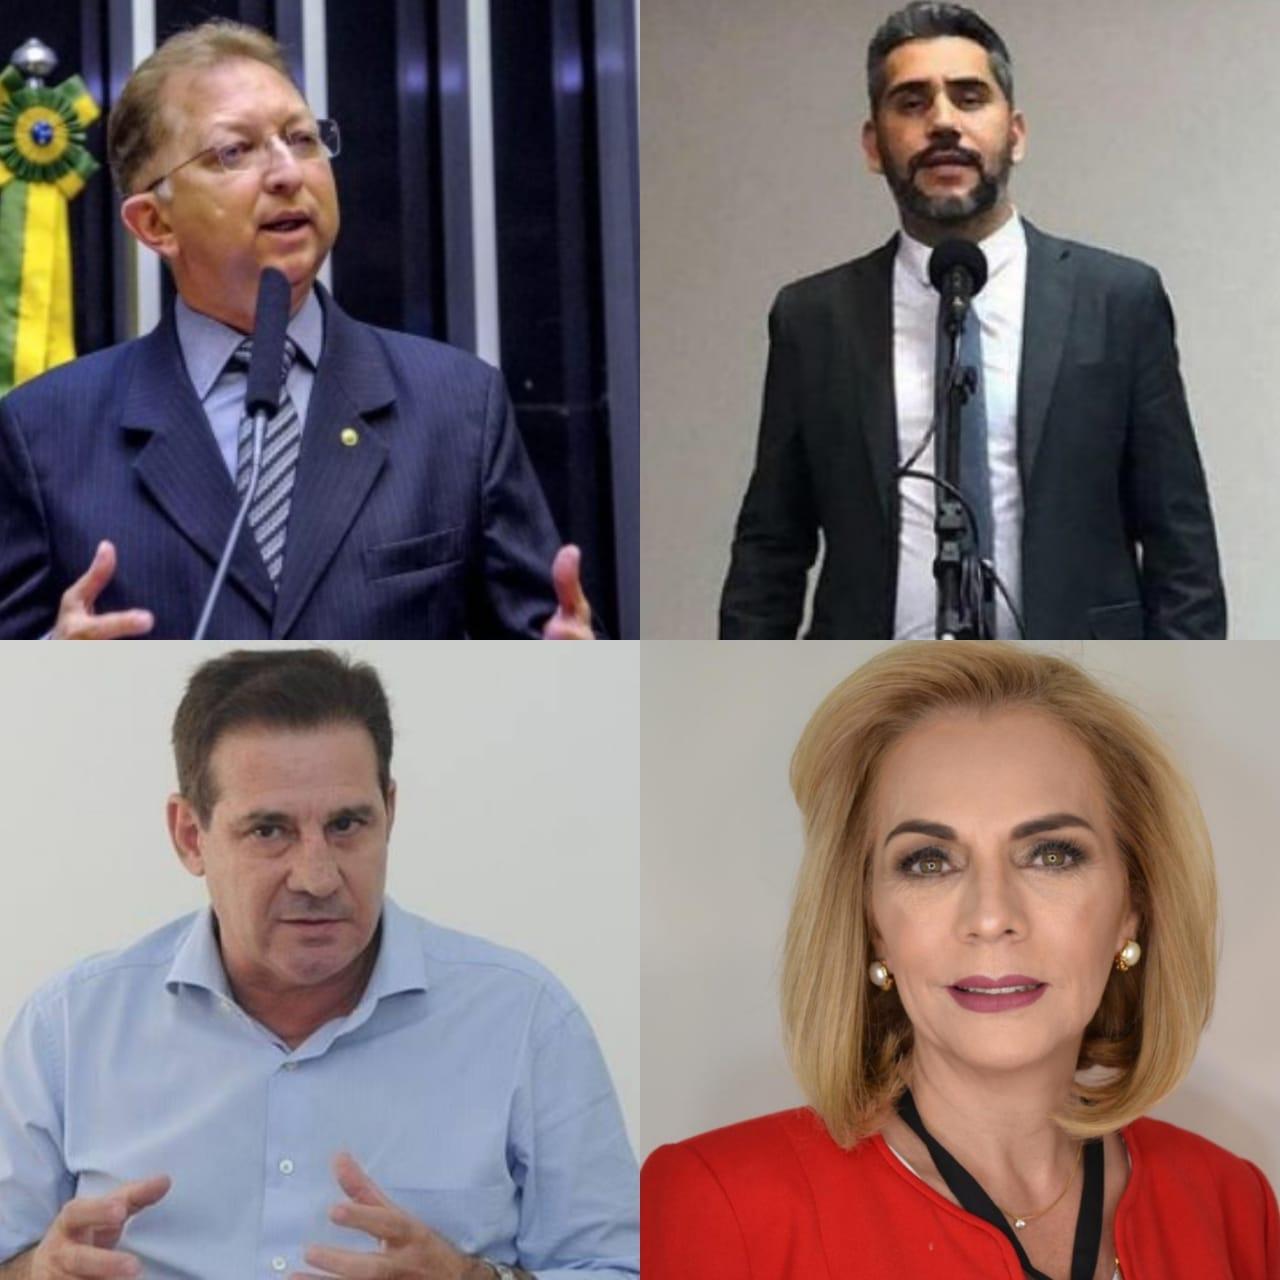 Jo�o Campos e Vanderlan Cardoso ganham espa�o na gest�o de Mendanha em Aparecida de Goi�nia